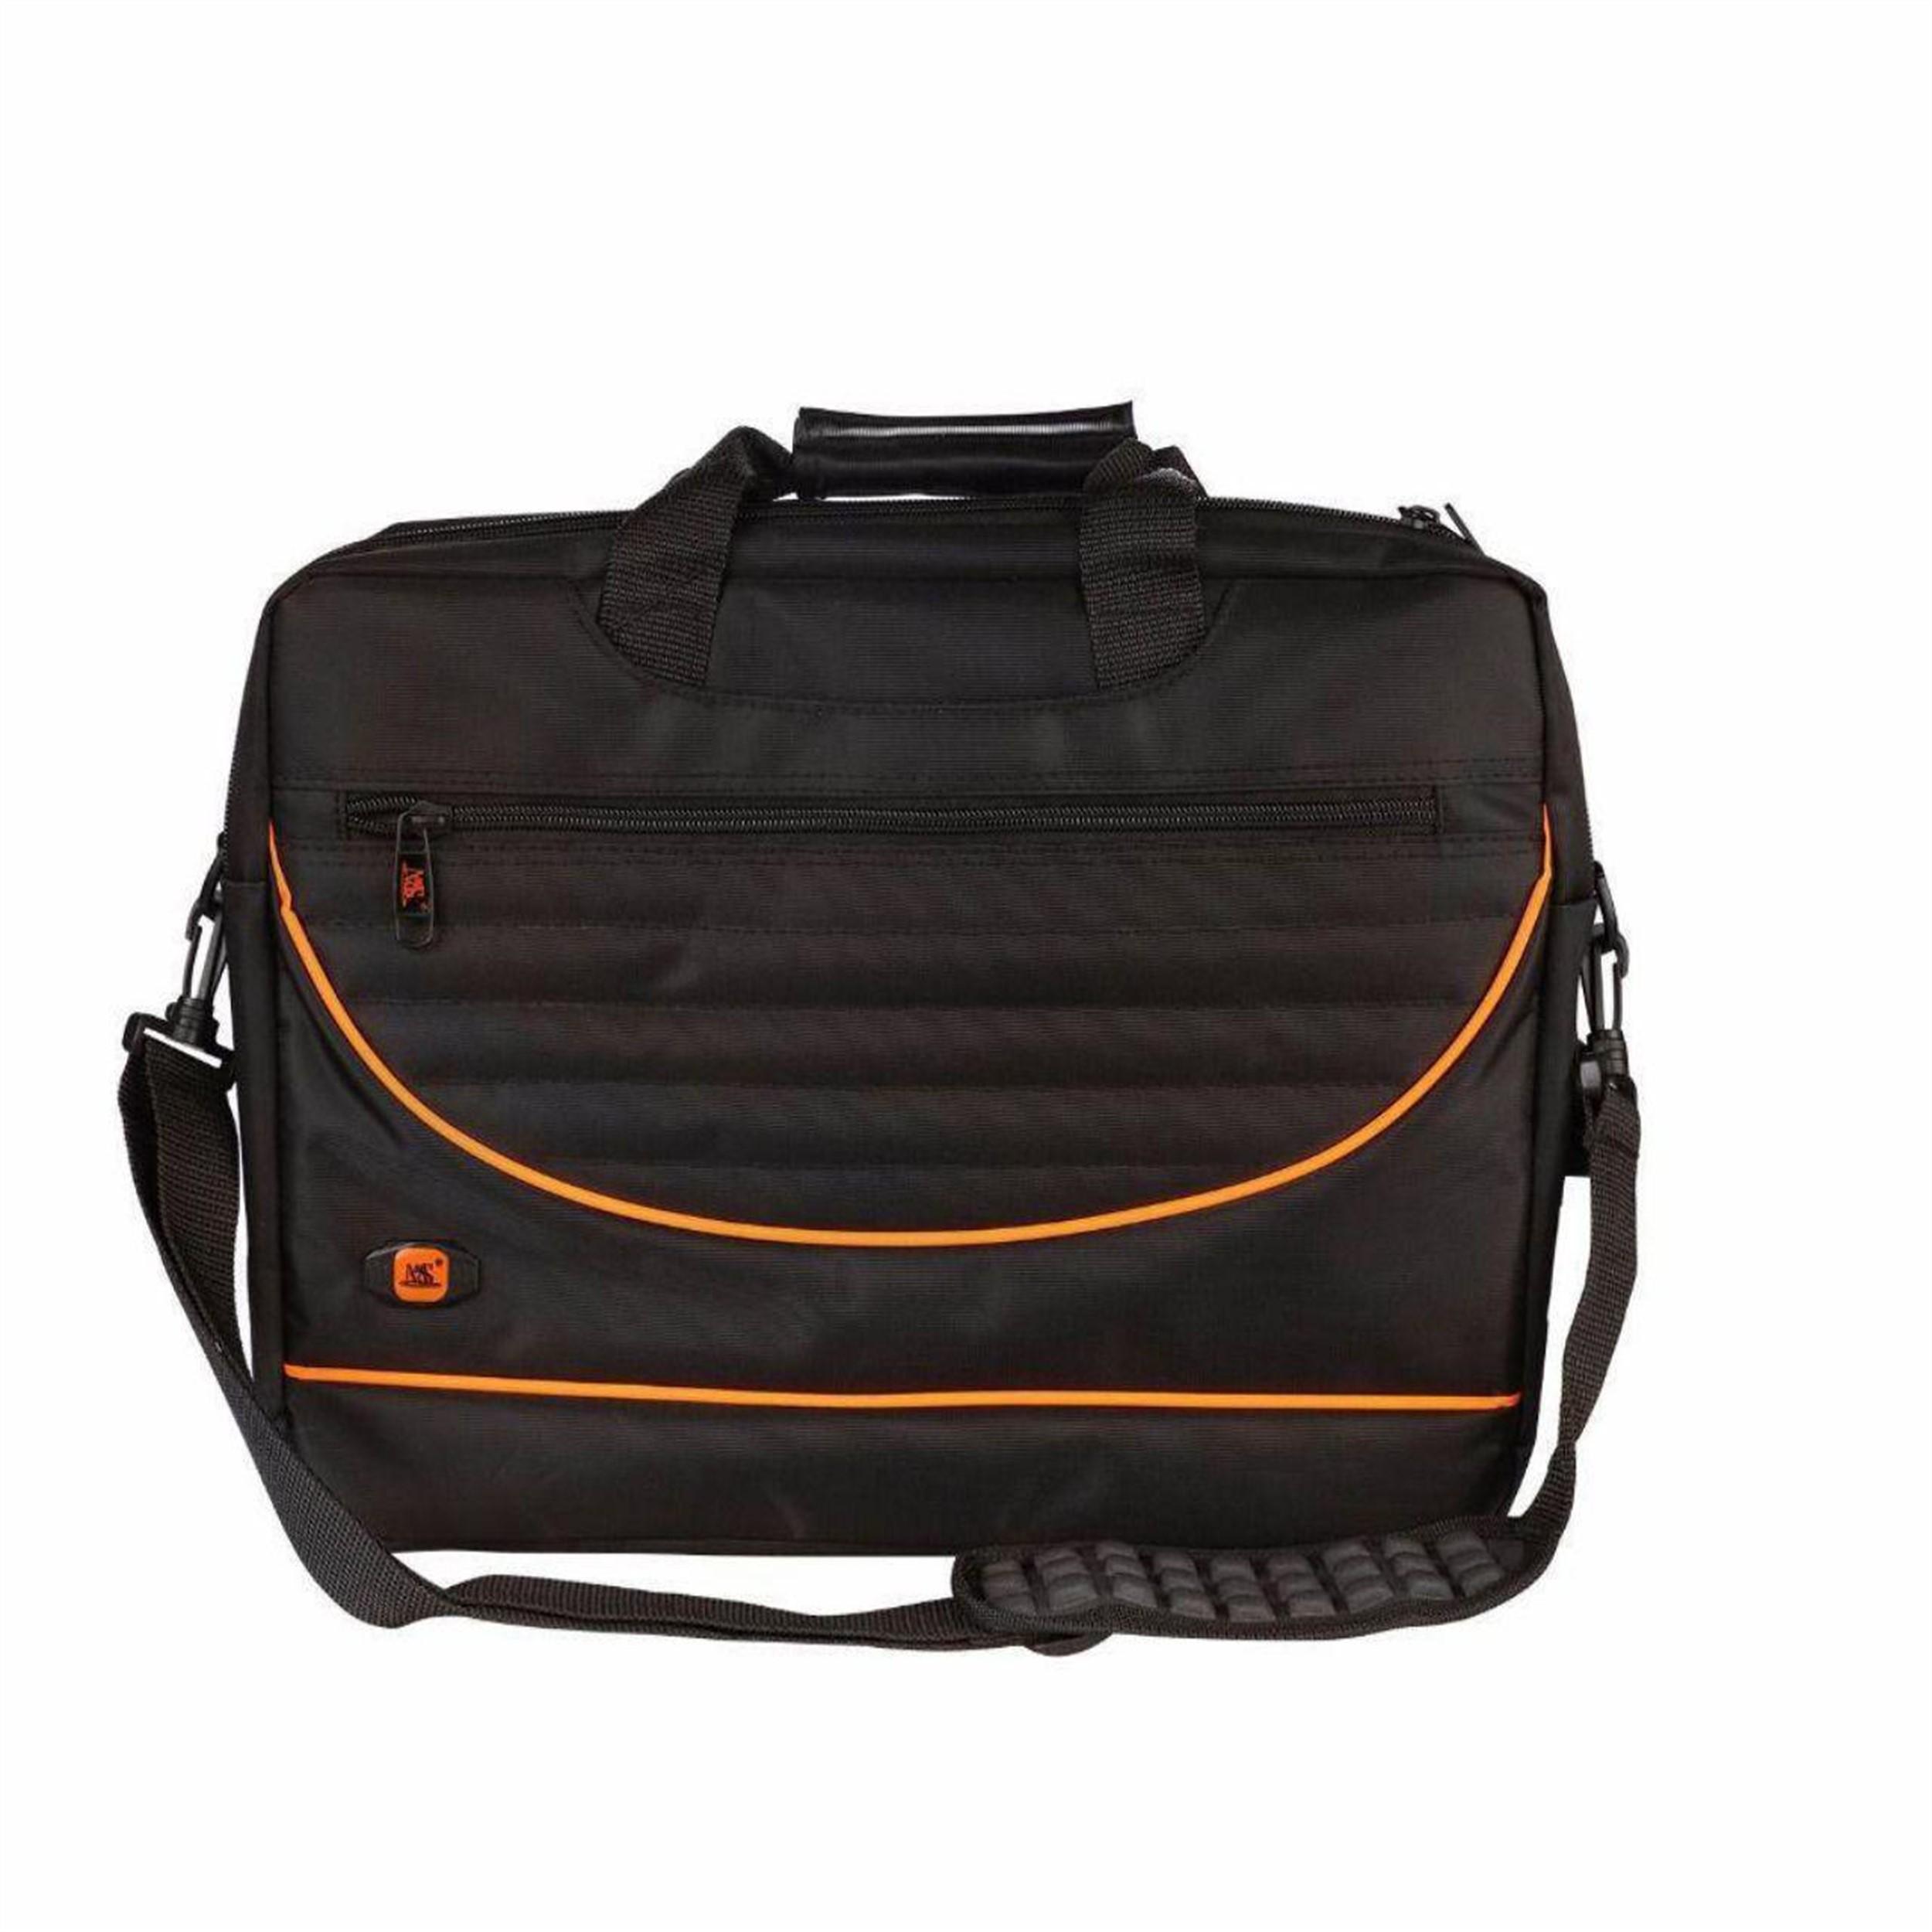 کیف لپ تاپ ام اند اس مدل8719 مناسب برای لپ تاپ 15.6 اینچی